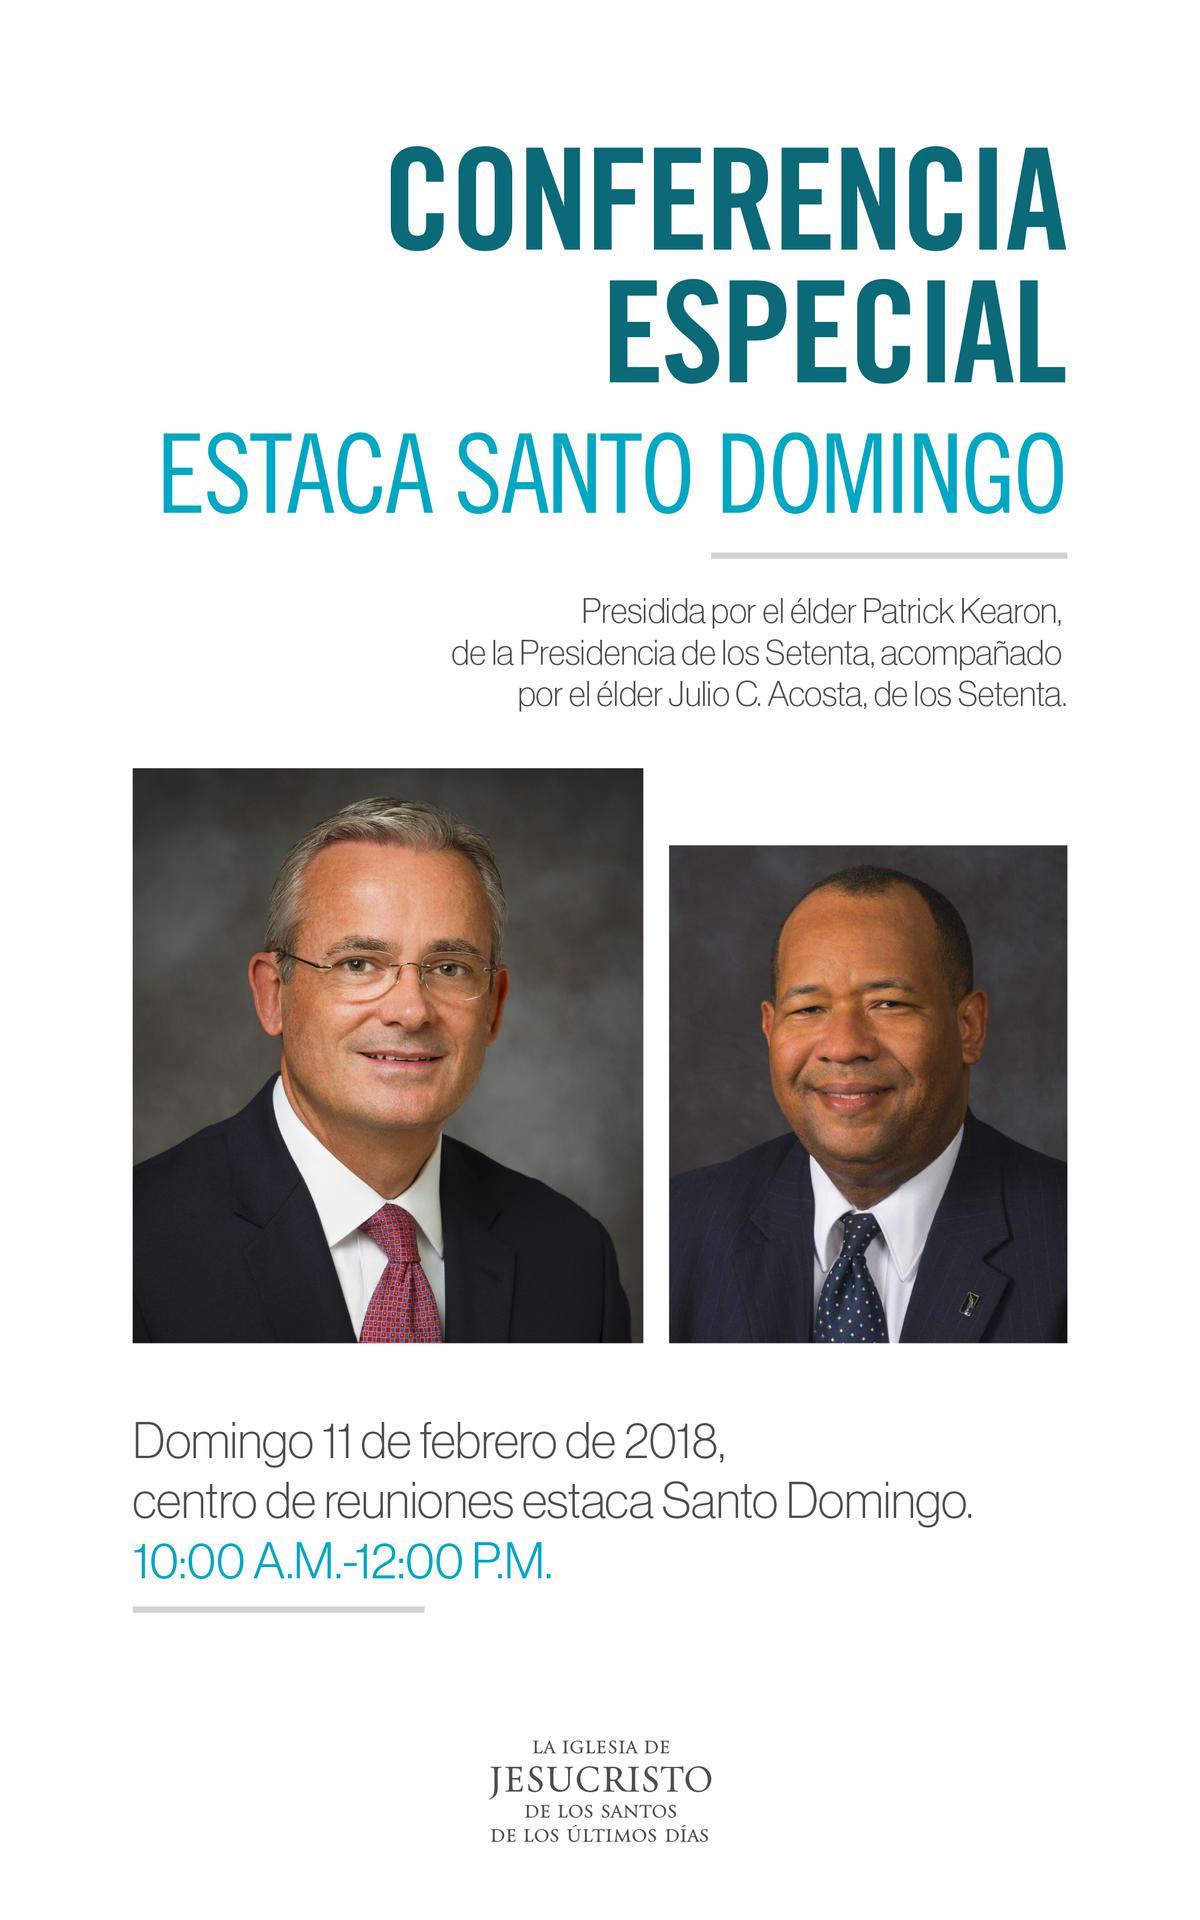 CONFERENCIA ESPECIAL ESTACA SANTO DOMINGO